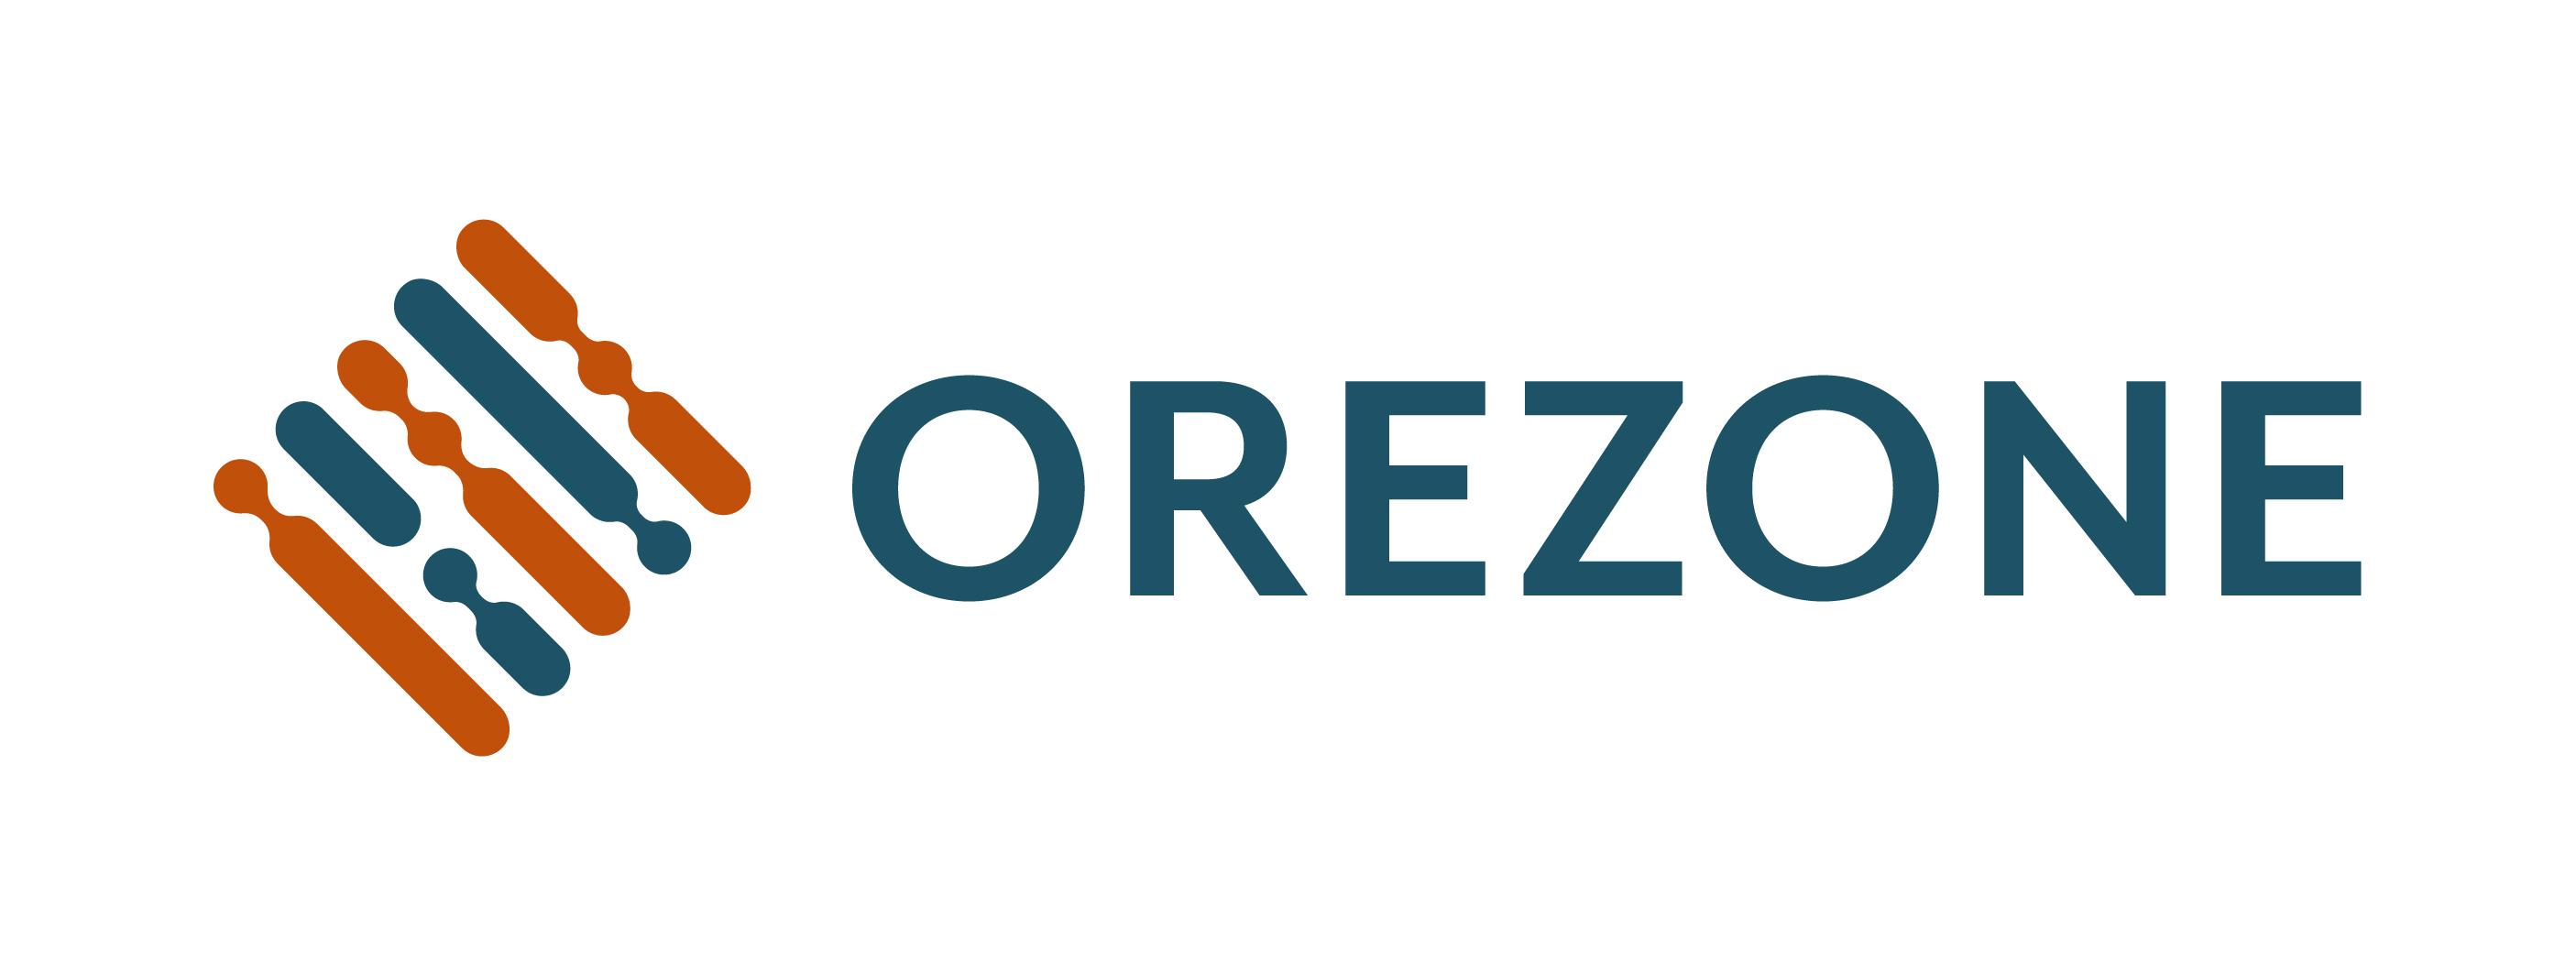 Orezone Commences Relocation of Families Into New Homes at Bomboré